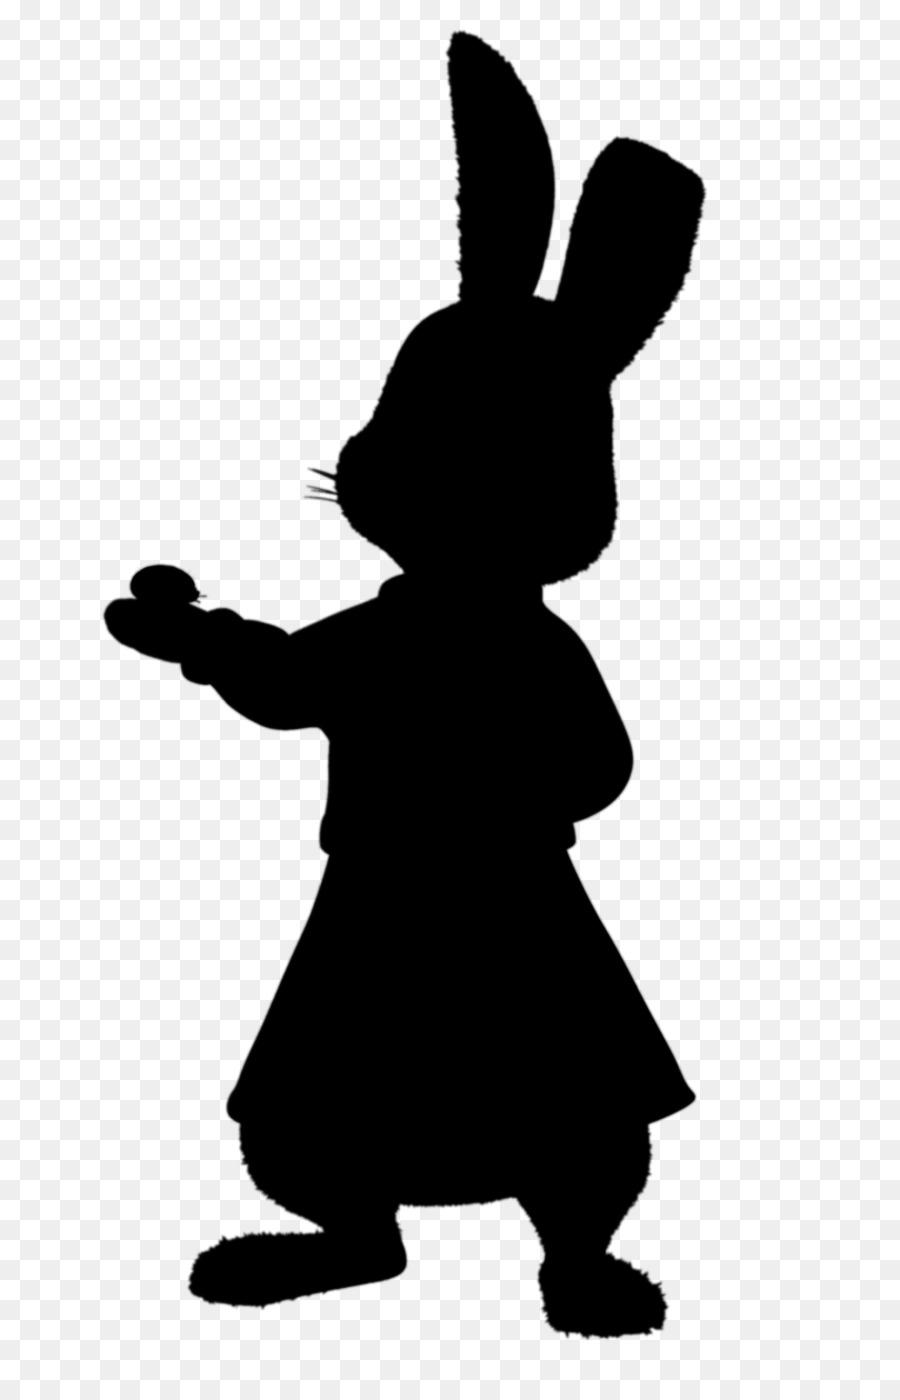 Descarga gratuita de Conejo, Silueta, Conejo Blanco imágenes PNG